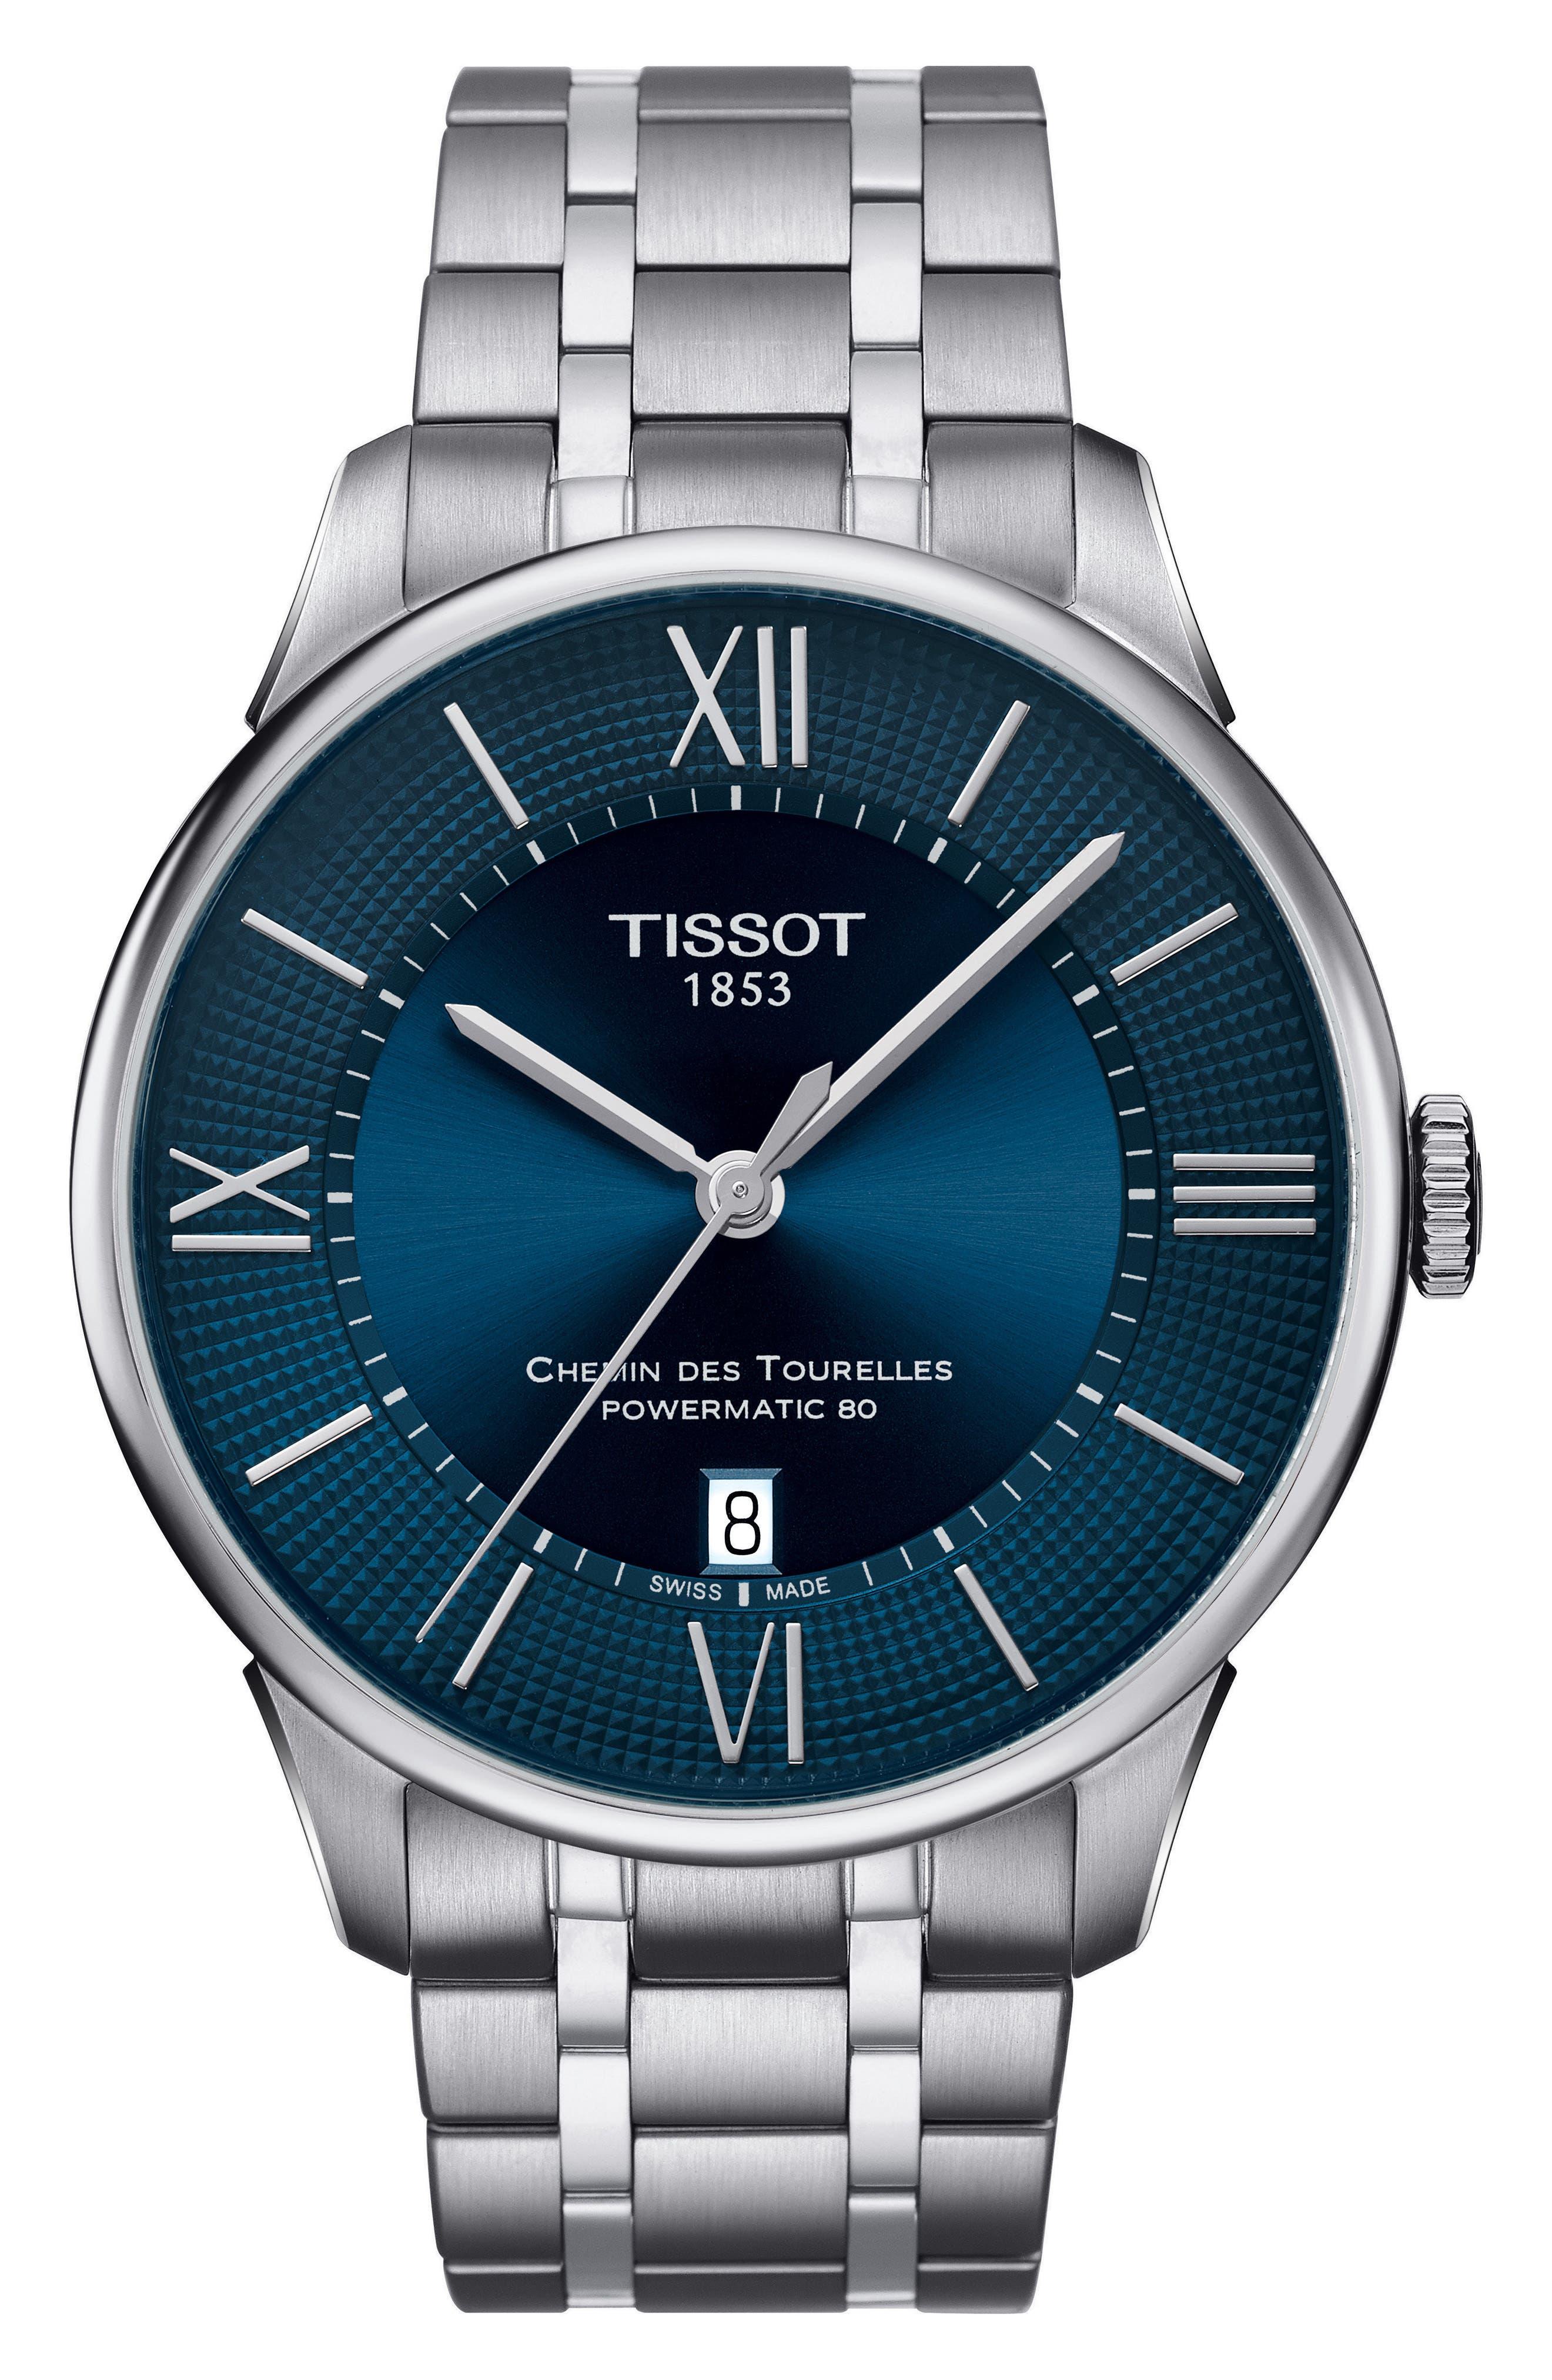 TISSOT T-Classic Chemin Des Tourelles Powermatic 80 Automatic Bracelet Watch, 42mm, Main, color, SILVER/ BLUE/ SILVER